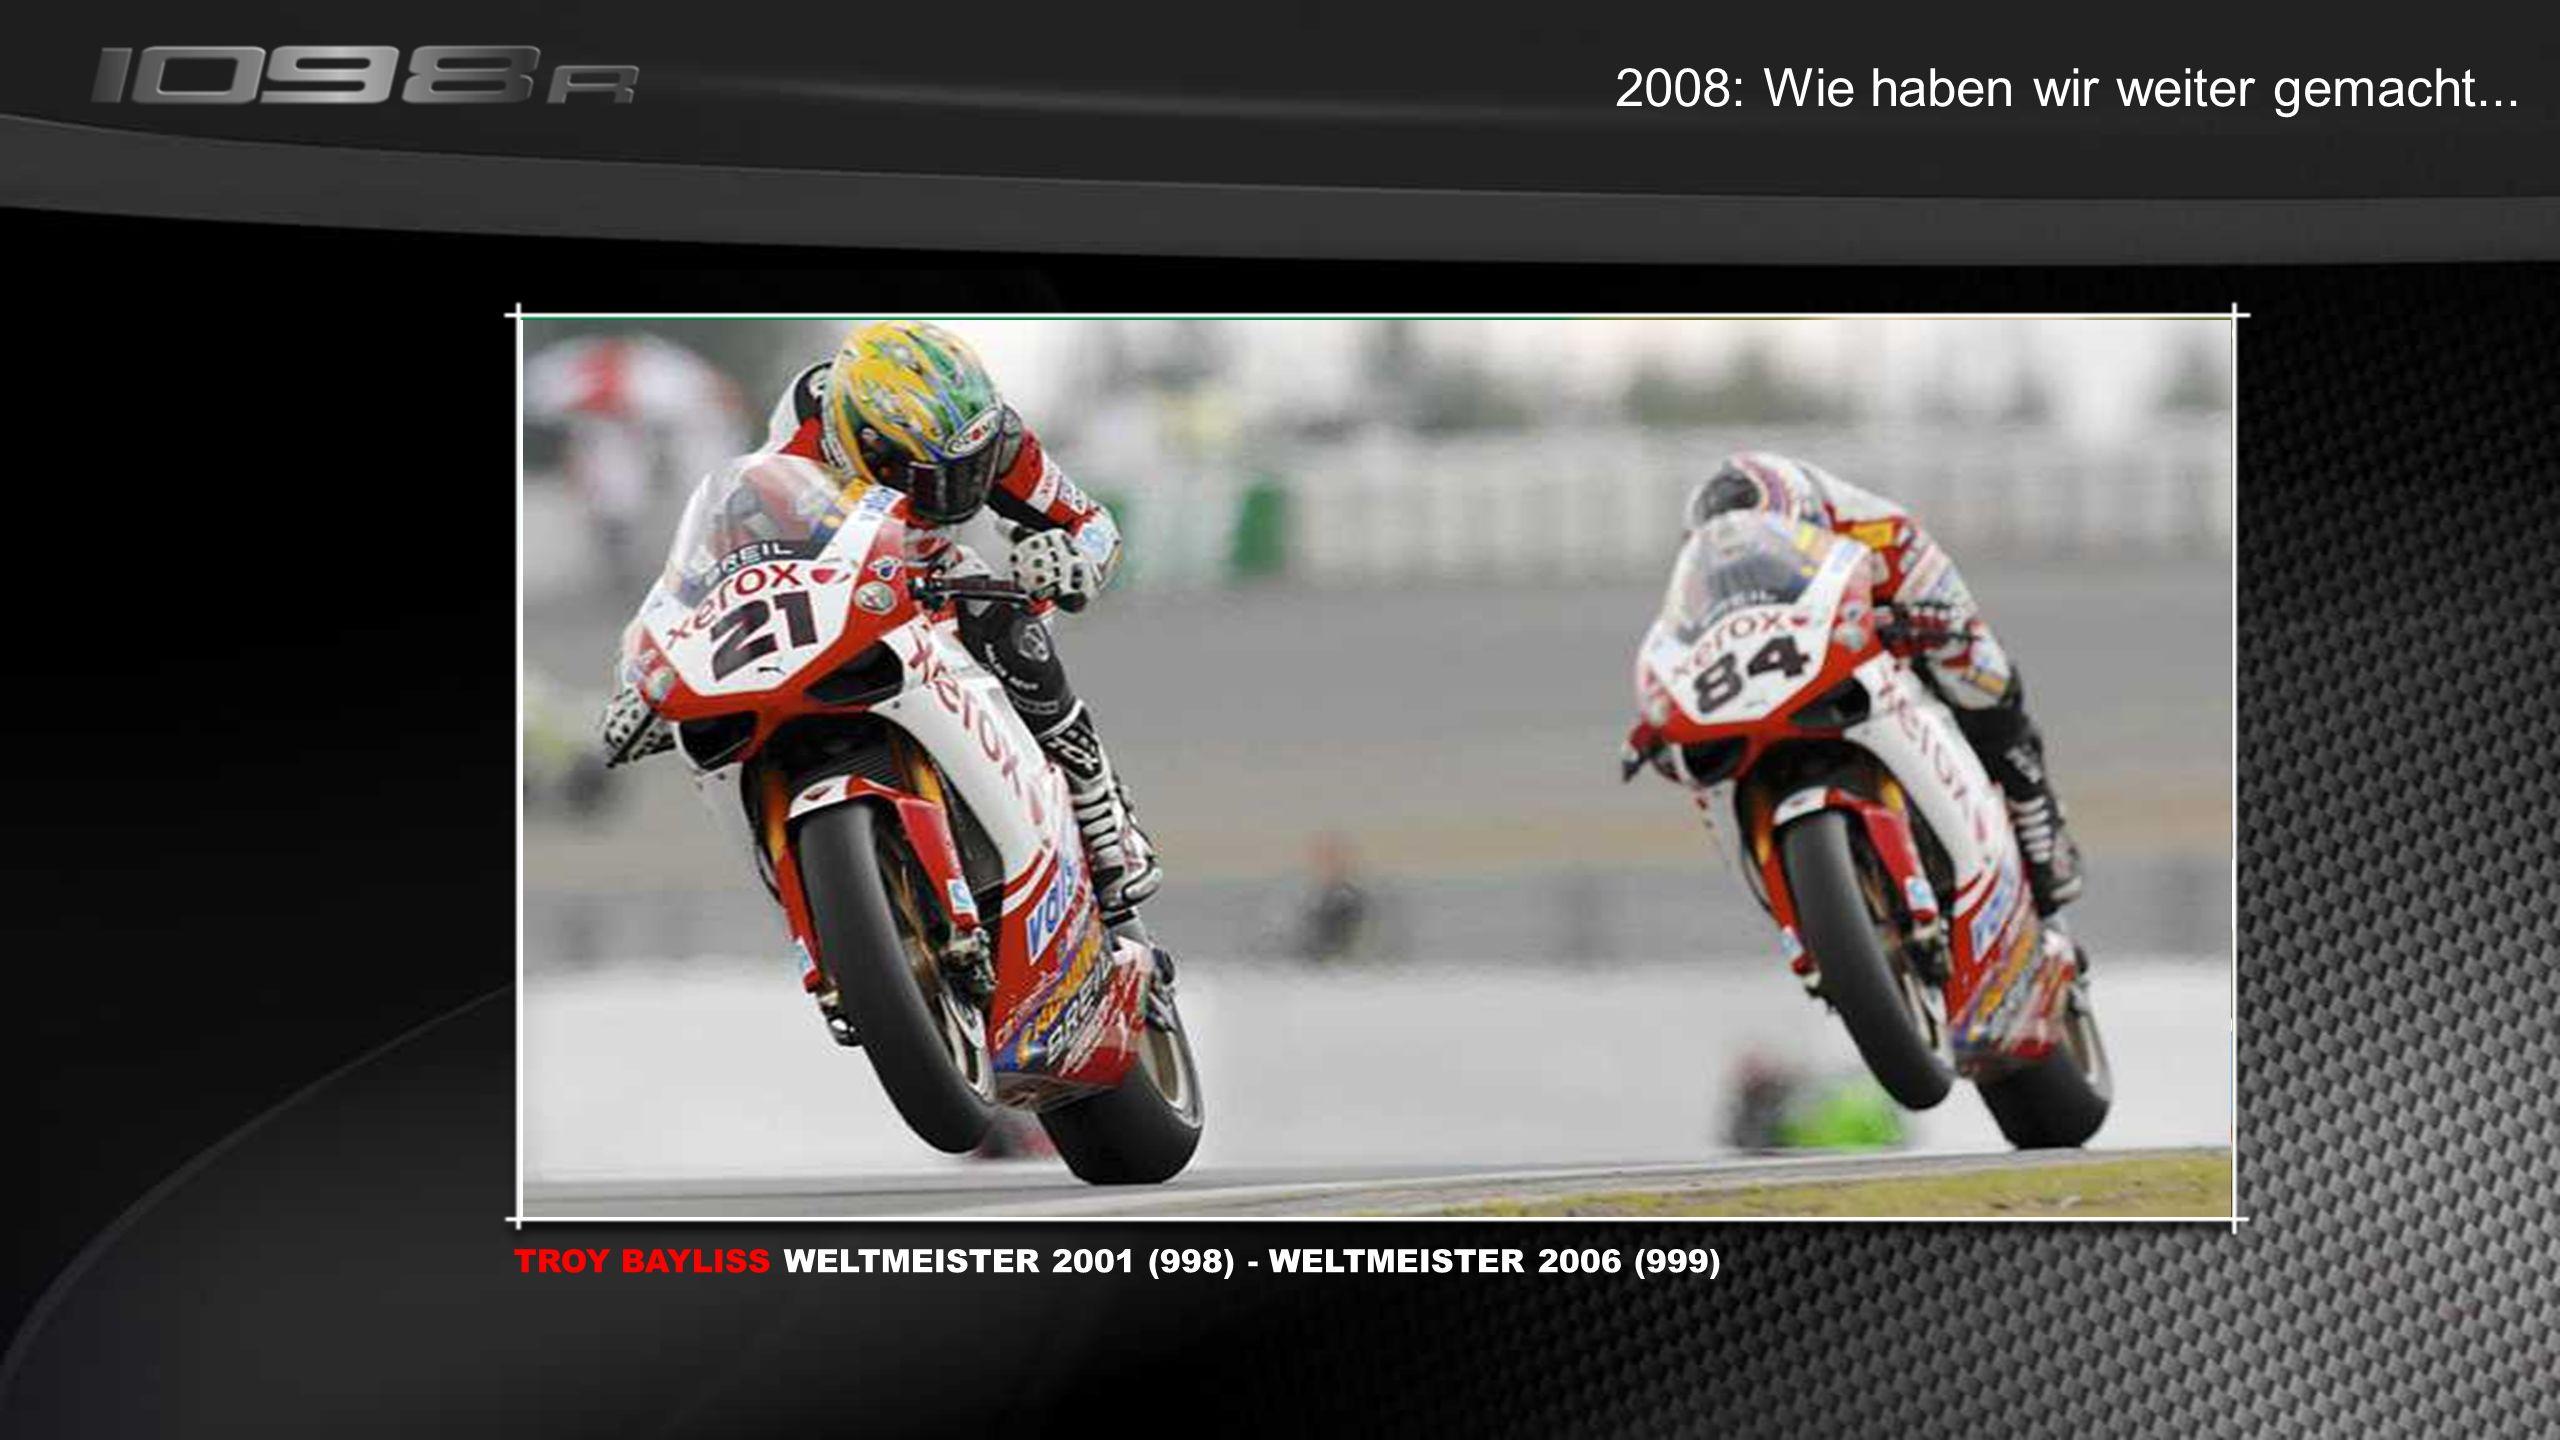 2008: Wie haben wir weiter gemacht... TROY BAYLISS WELTMEISTER 2001 (998) - WELTMEISTER 2006 (999)